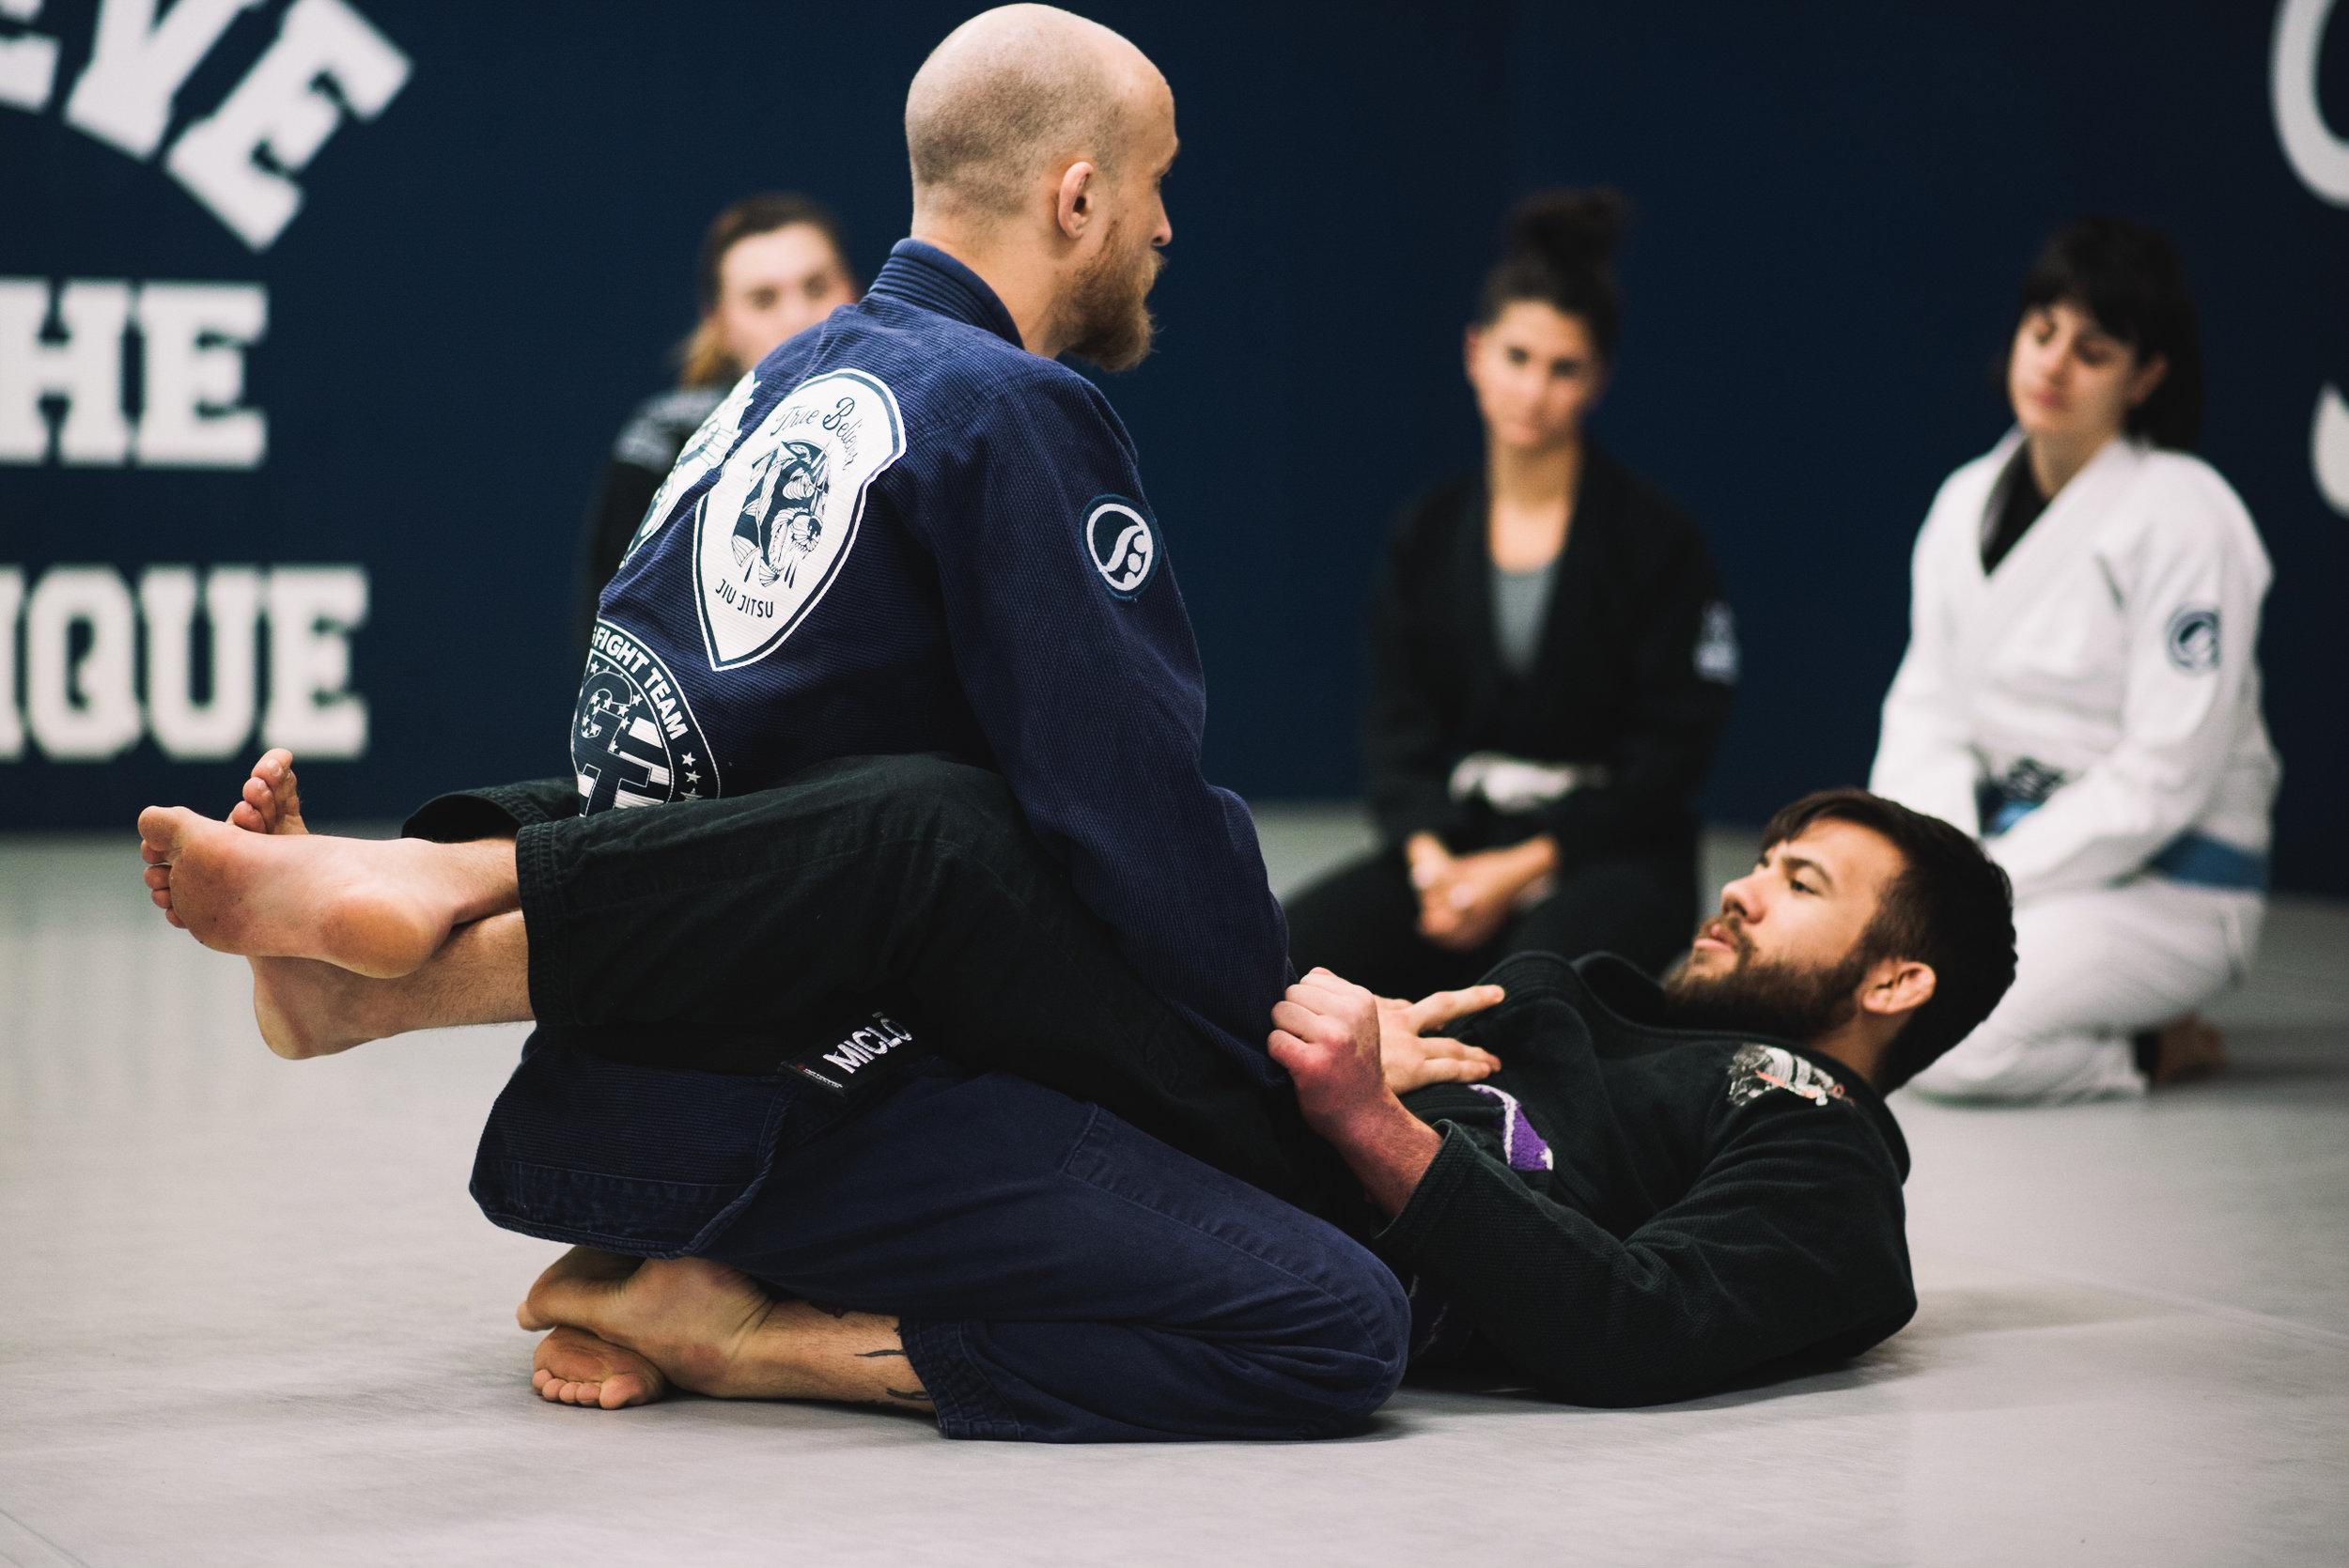 true_believer_jiu_jitsu_training.jpg